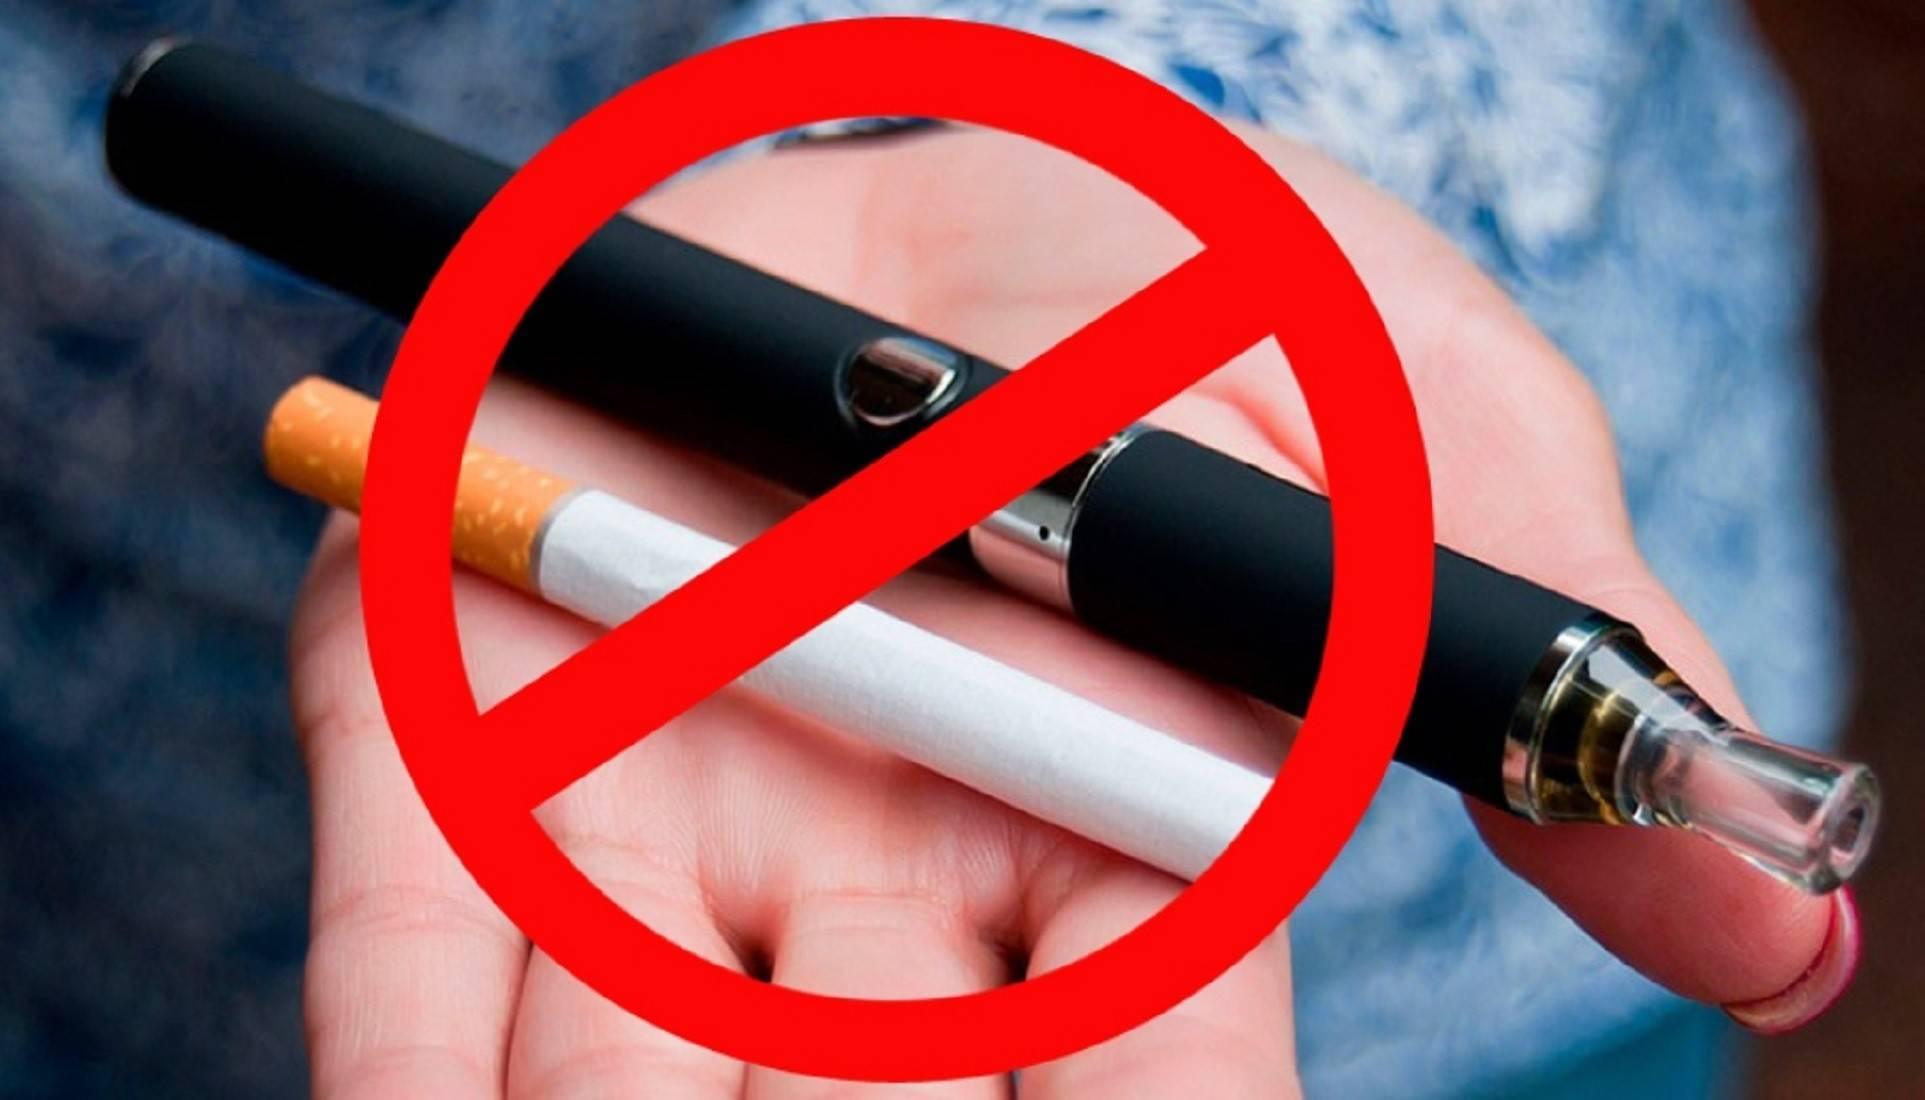 Что вреднее кальян или электронная сигарета?